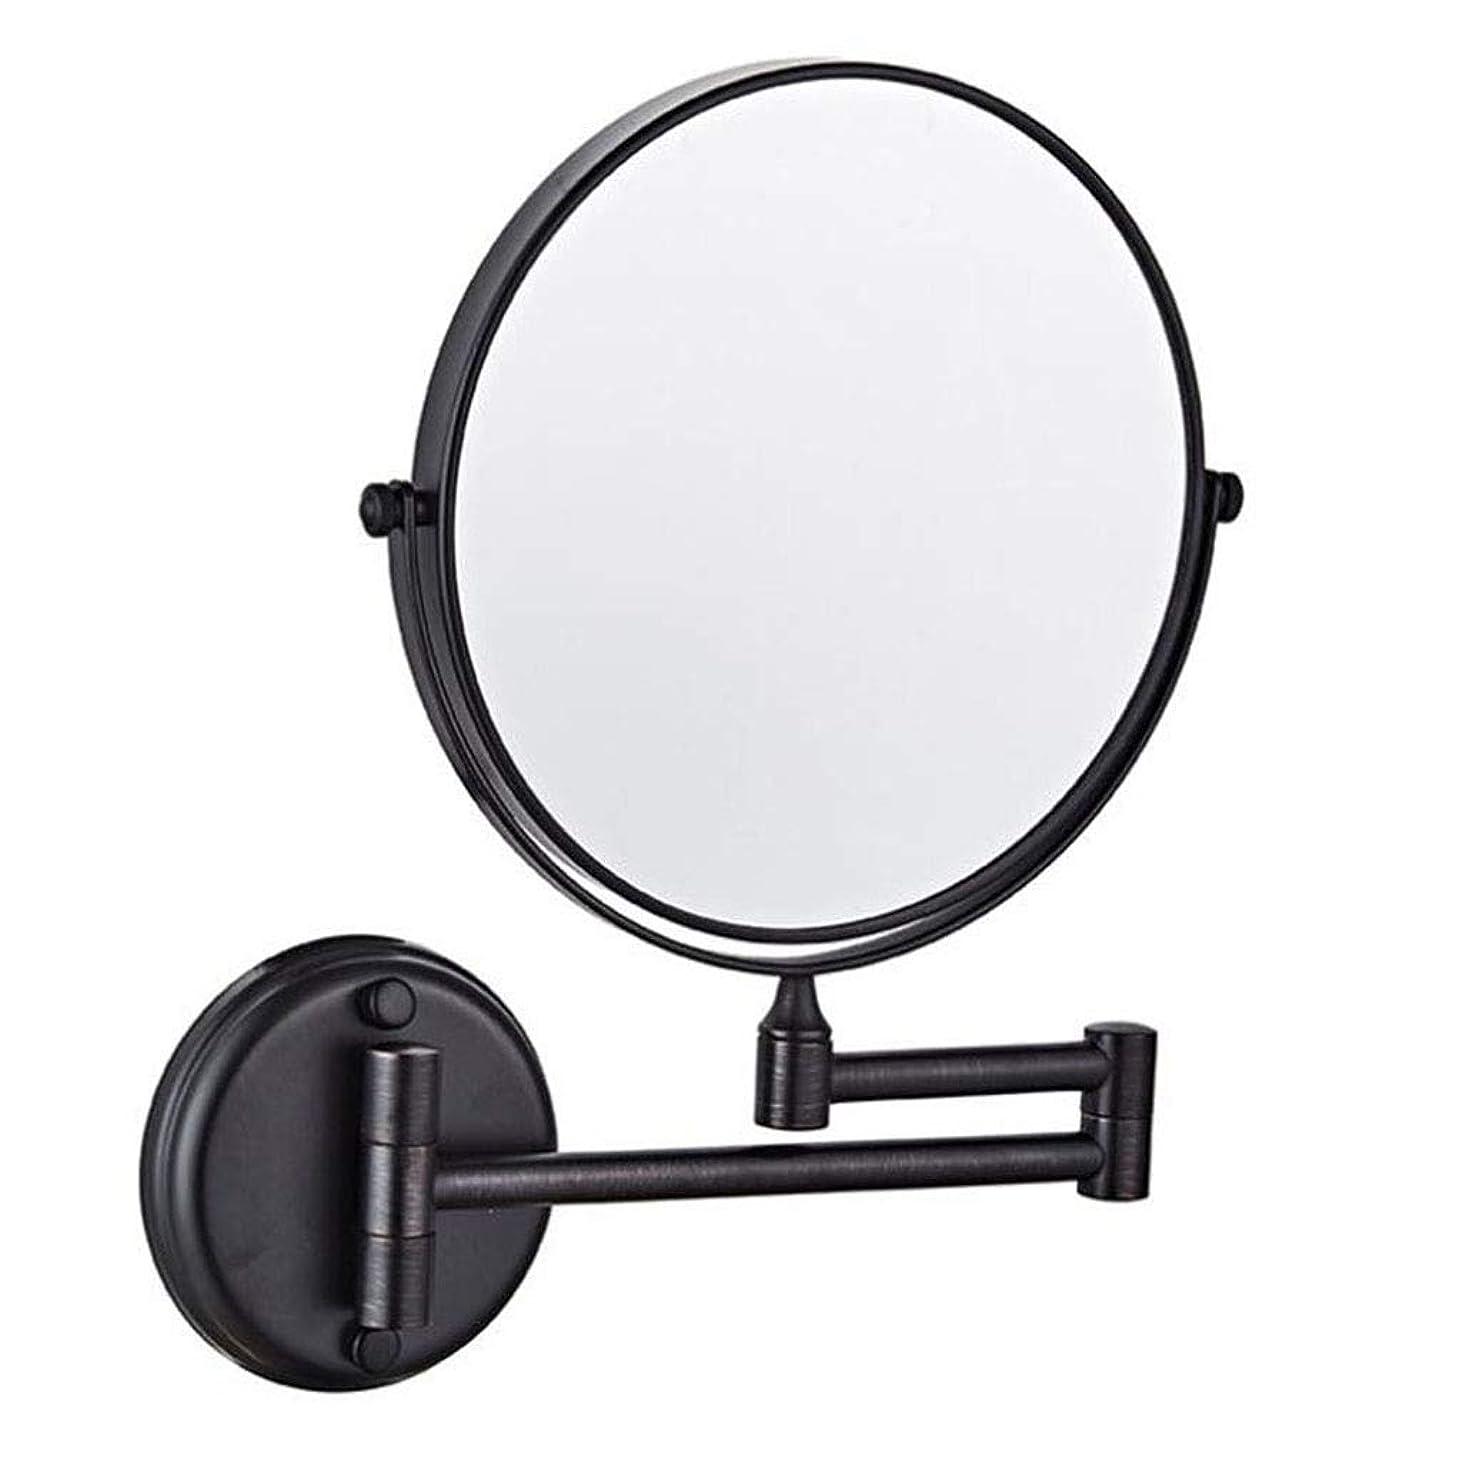 最悪概要自宅でHUYYA 化粧鏡 壁付、シェービングミラー 8インチ3 倍拡大鏡 バスルームメイクアップミラー 360度回転 バニティミラー 折りたたみ 両面 寝室や浴室に適しています,Black